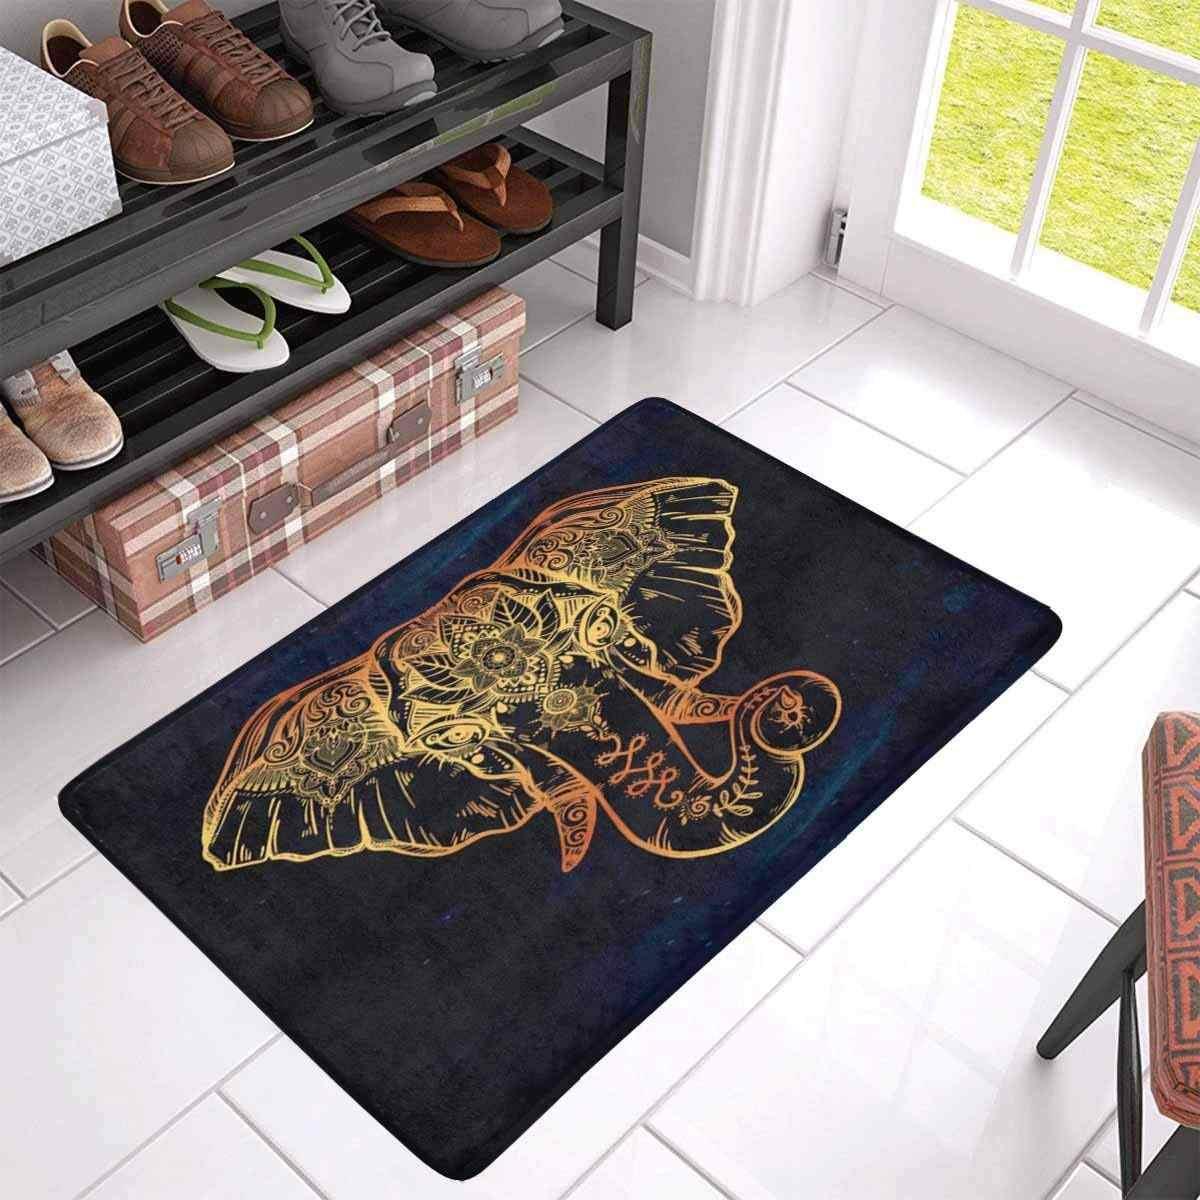 Felpudo de goma antideslizante Estilo Vintage elefante con Loto étnico decoración del hogar entrada interior